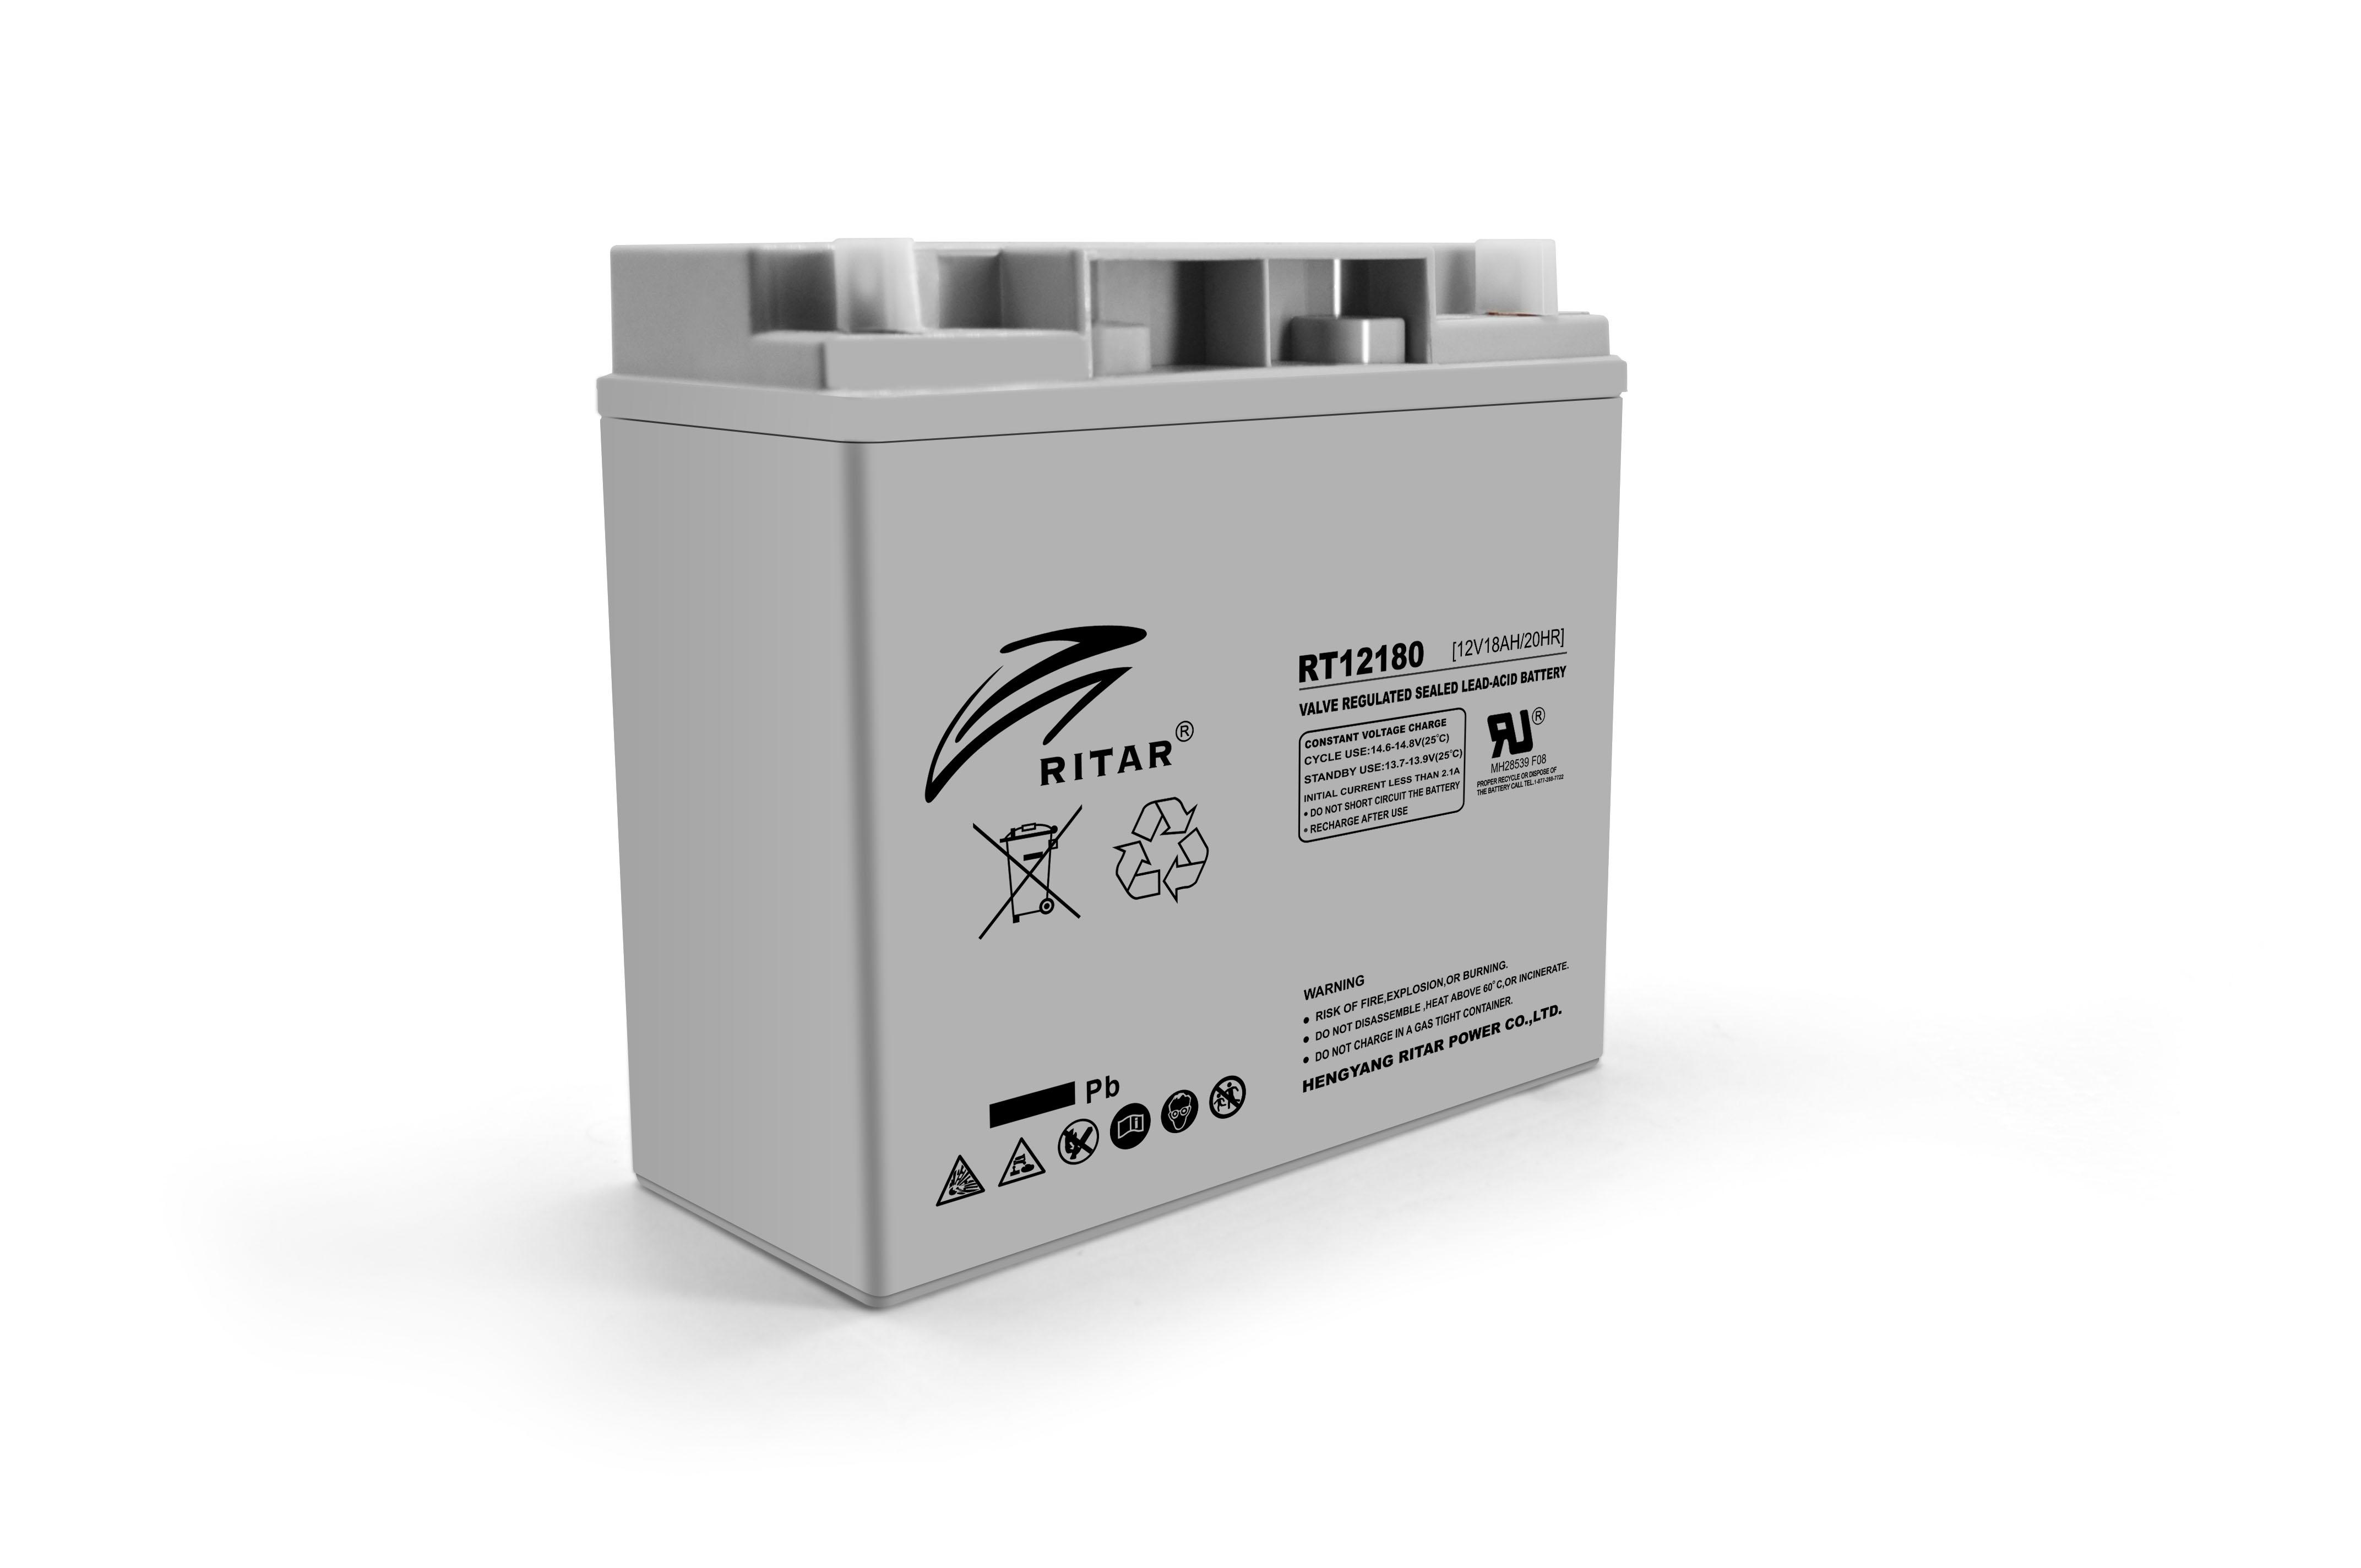 Купить Аккумуляторная батарея AGM RITAR RT12180, Gray Case, 12V 18.0Ah   ( 181 х 77 х 167 ) Q2